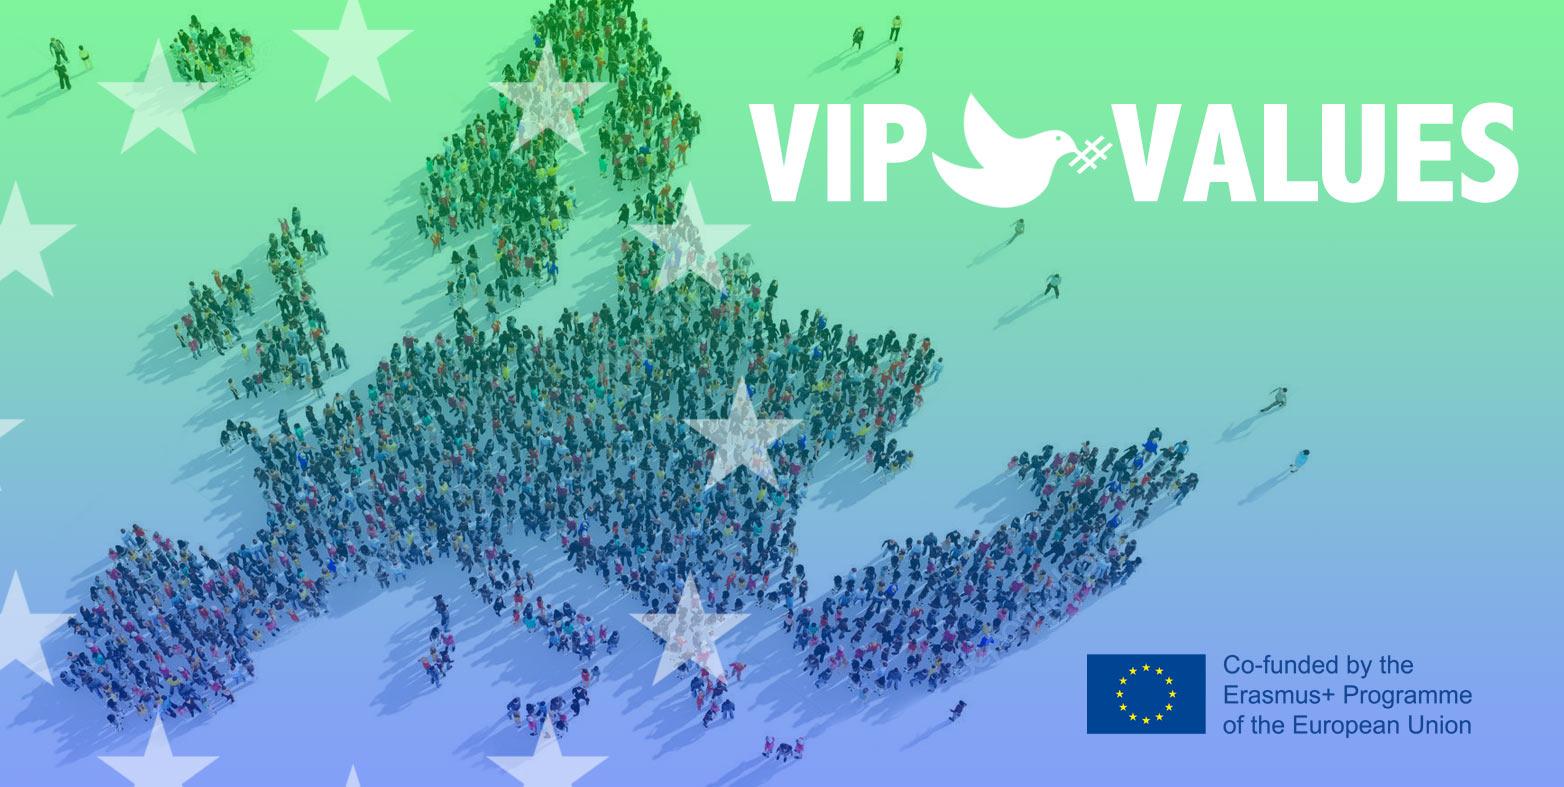 VIP Values: Voluntariado y TIC para fomentar los valores de Paz y promover sociedades justas e inclusivas